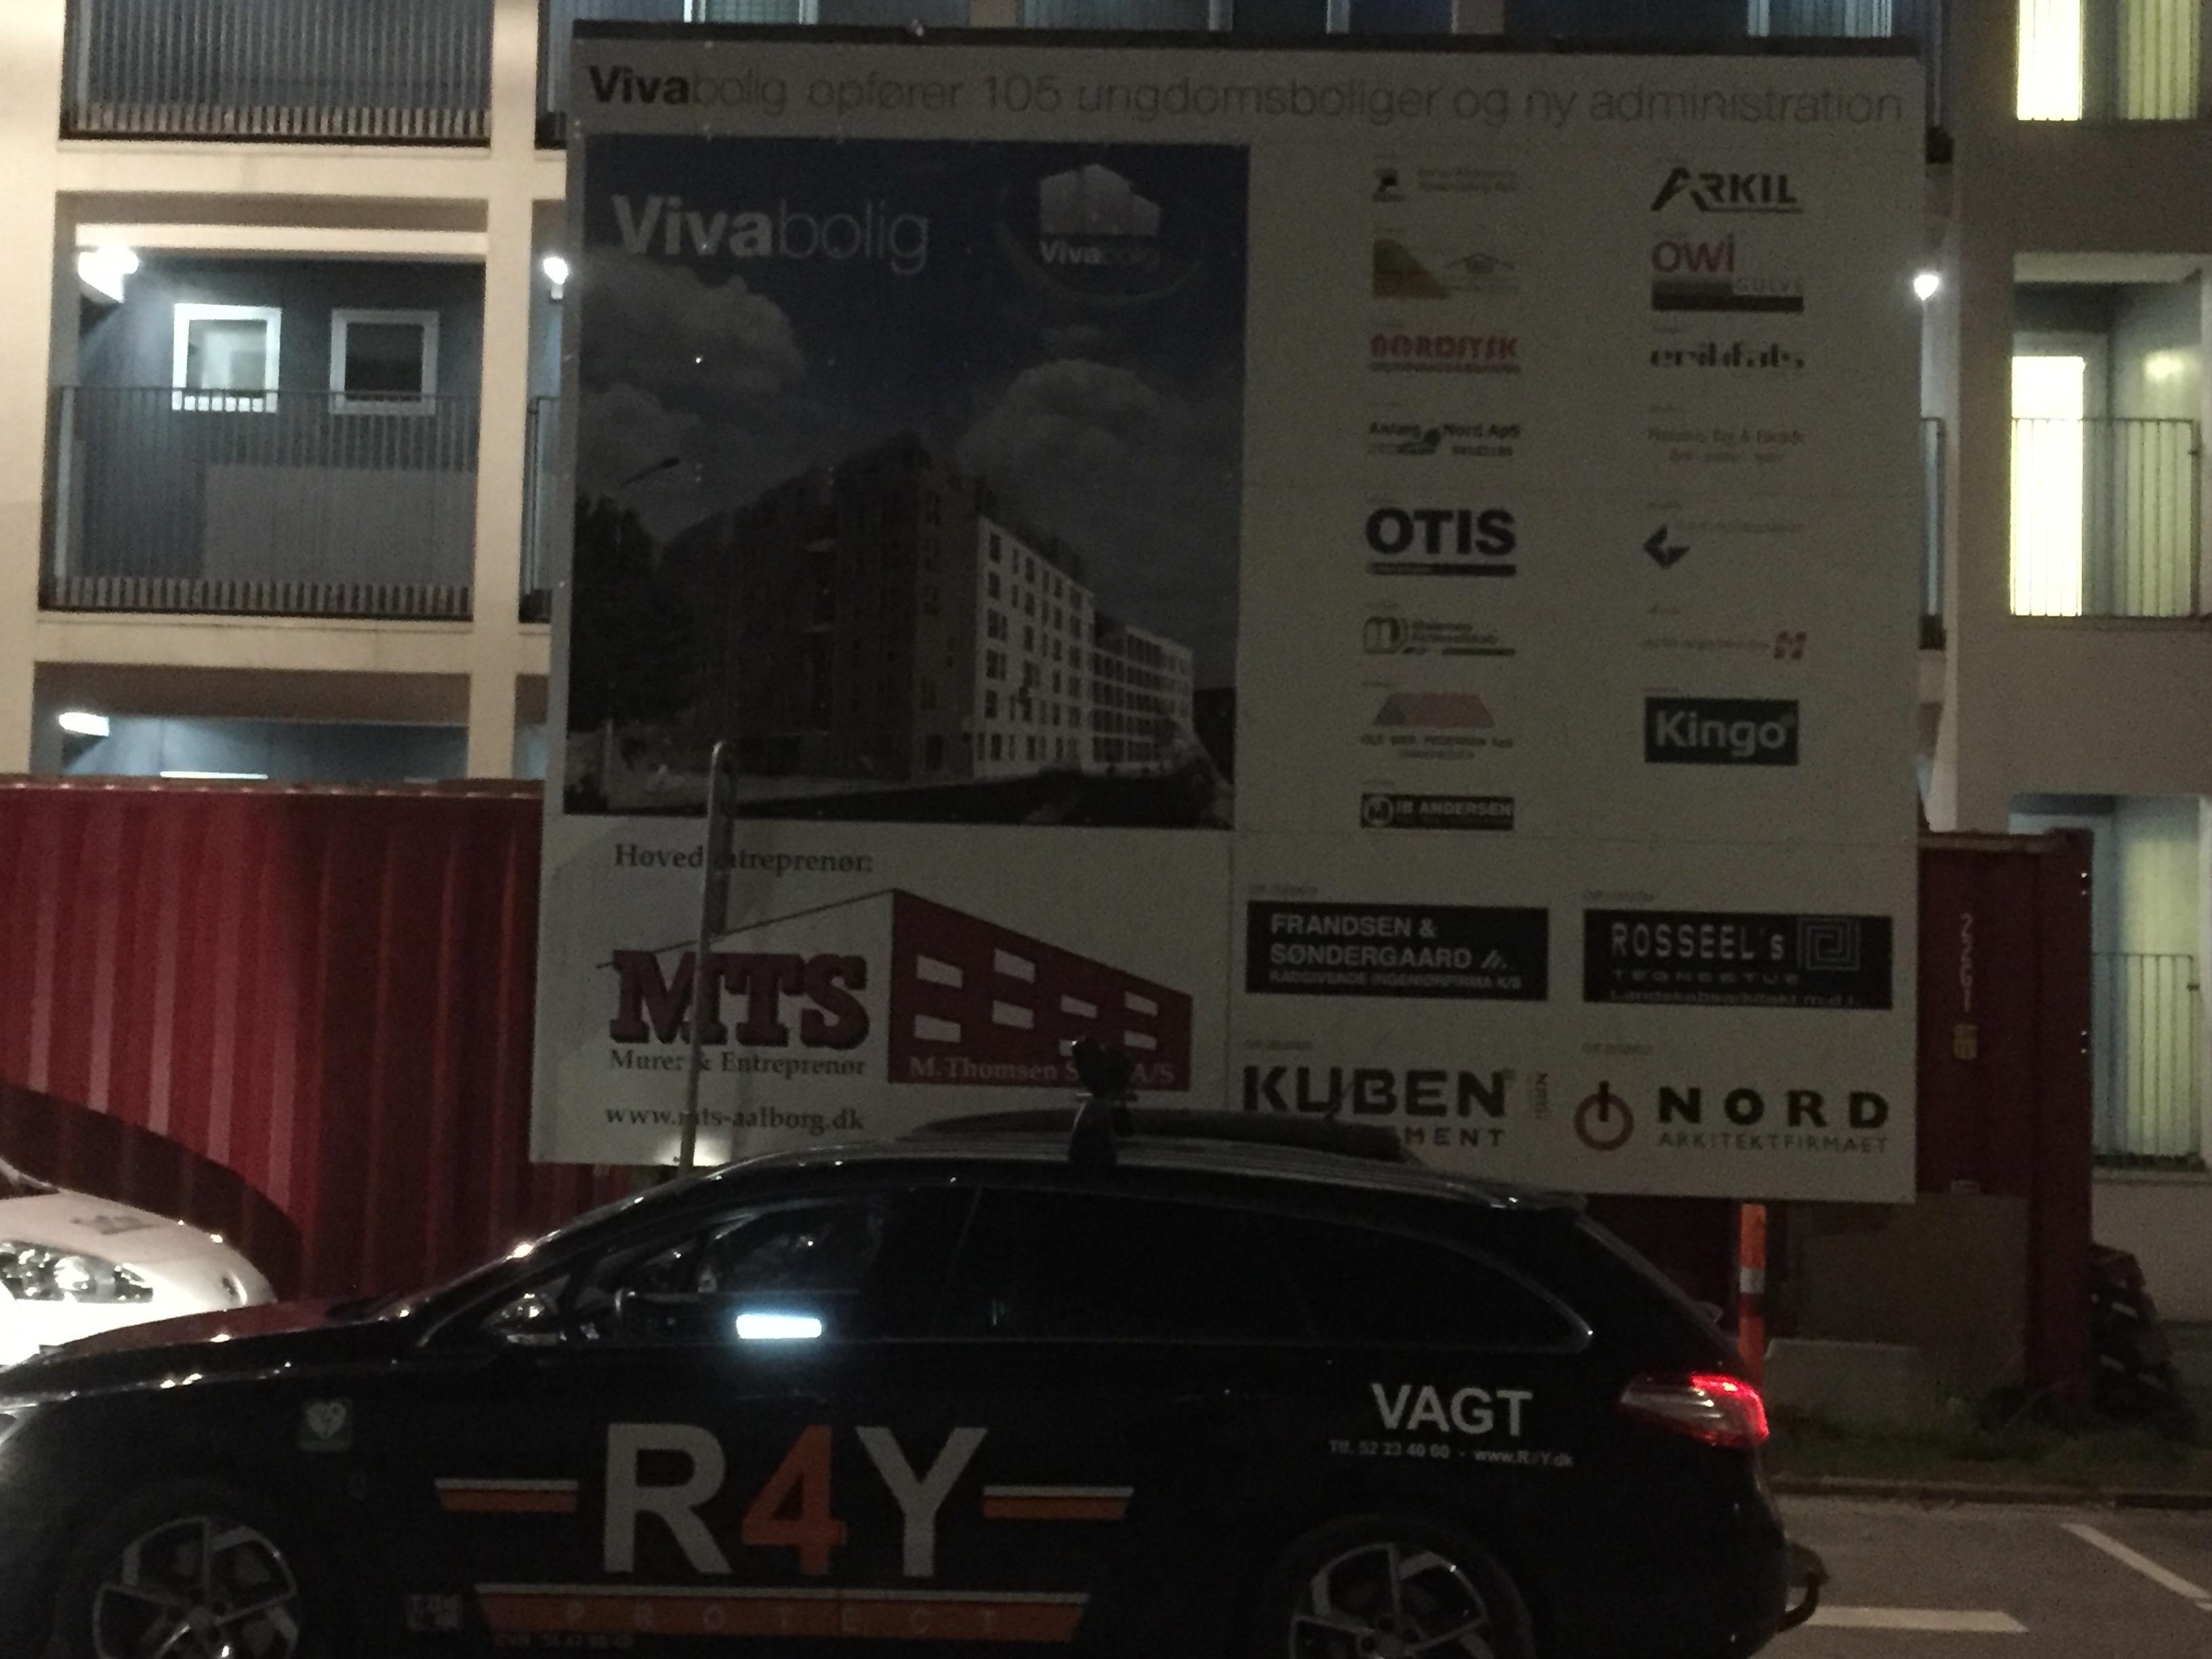 R4Y SafeGuard skal sikre endnu et stort byggeri